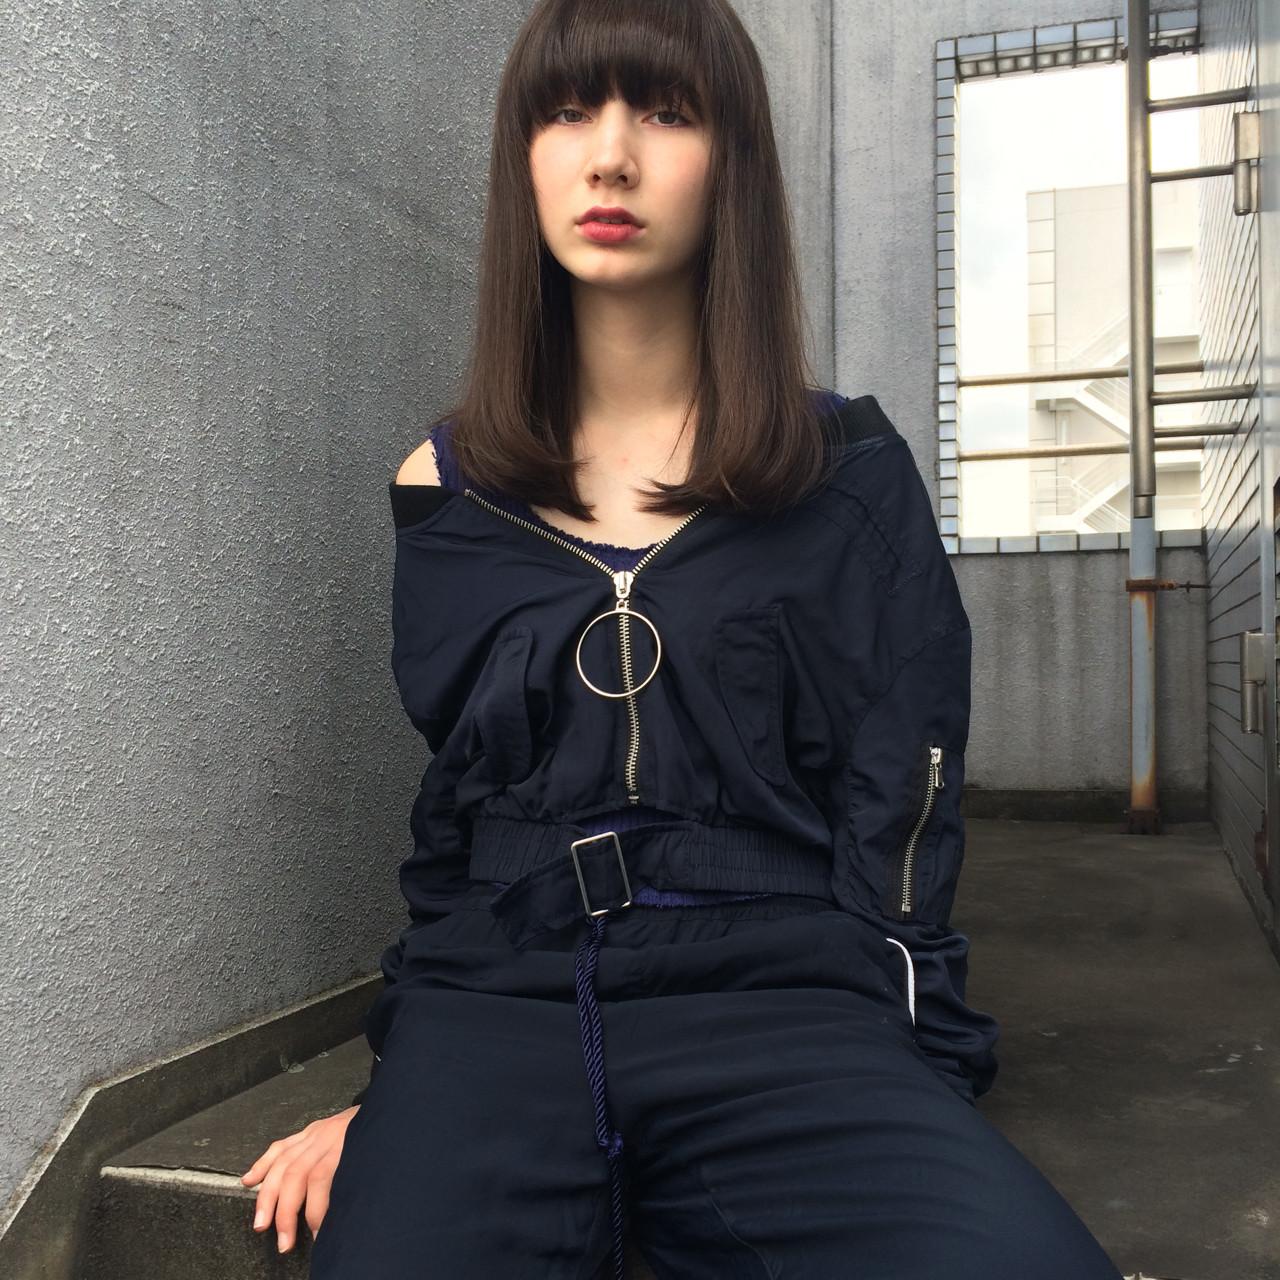 ストレートセミロング♪スッキリフェイスをアピール YUKINA / HOMIE TOKYO  HOMIE TOKYO